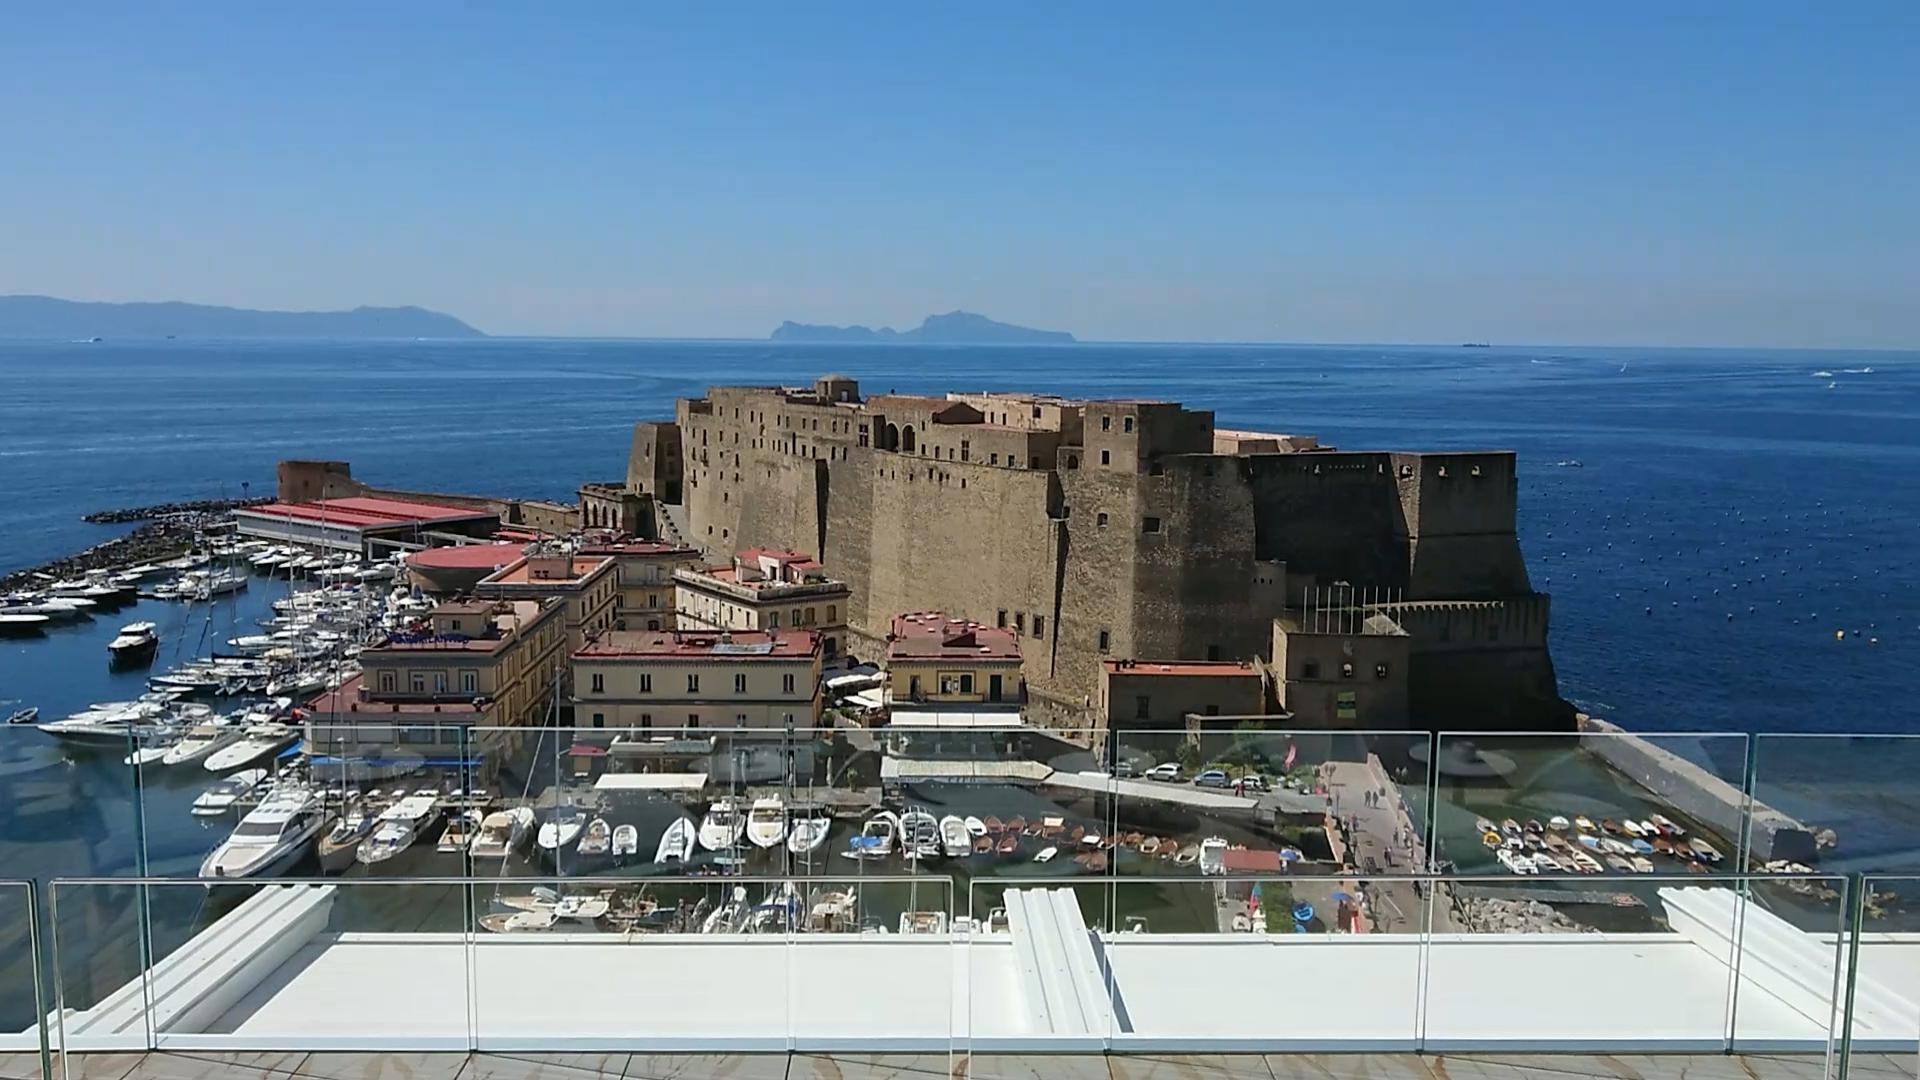 Sky Lounge Naples Hotel Grand Hotel Vesuvio In The Center